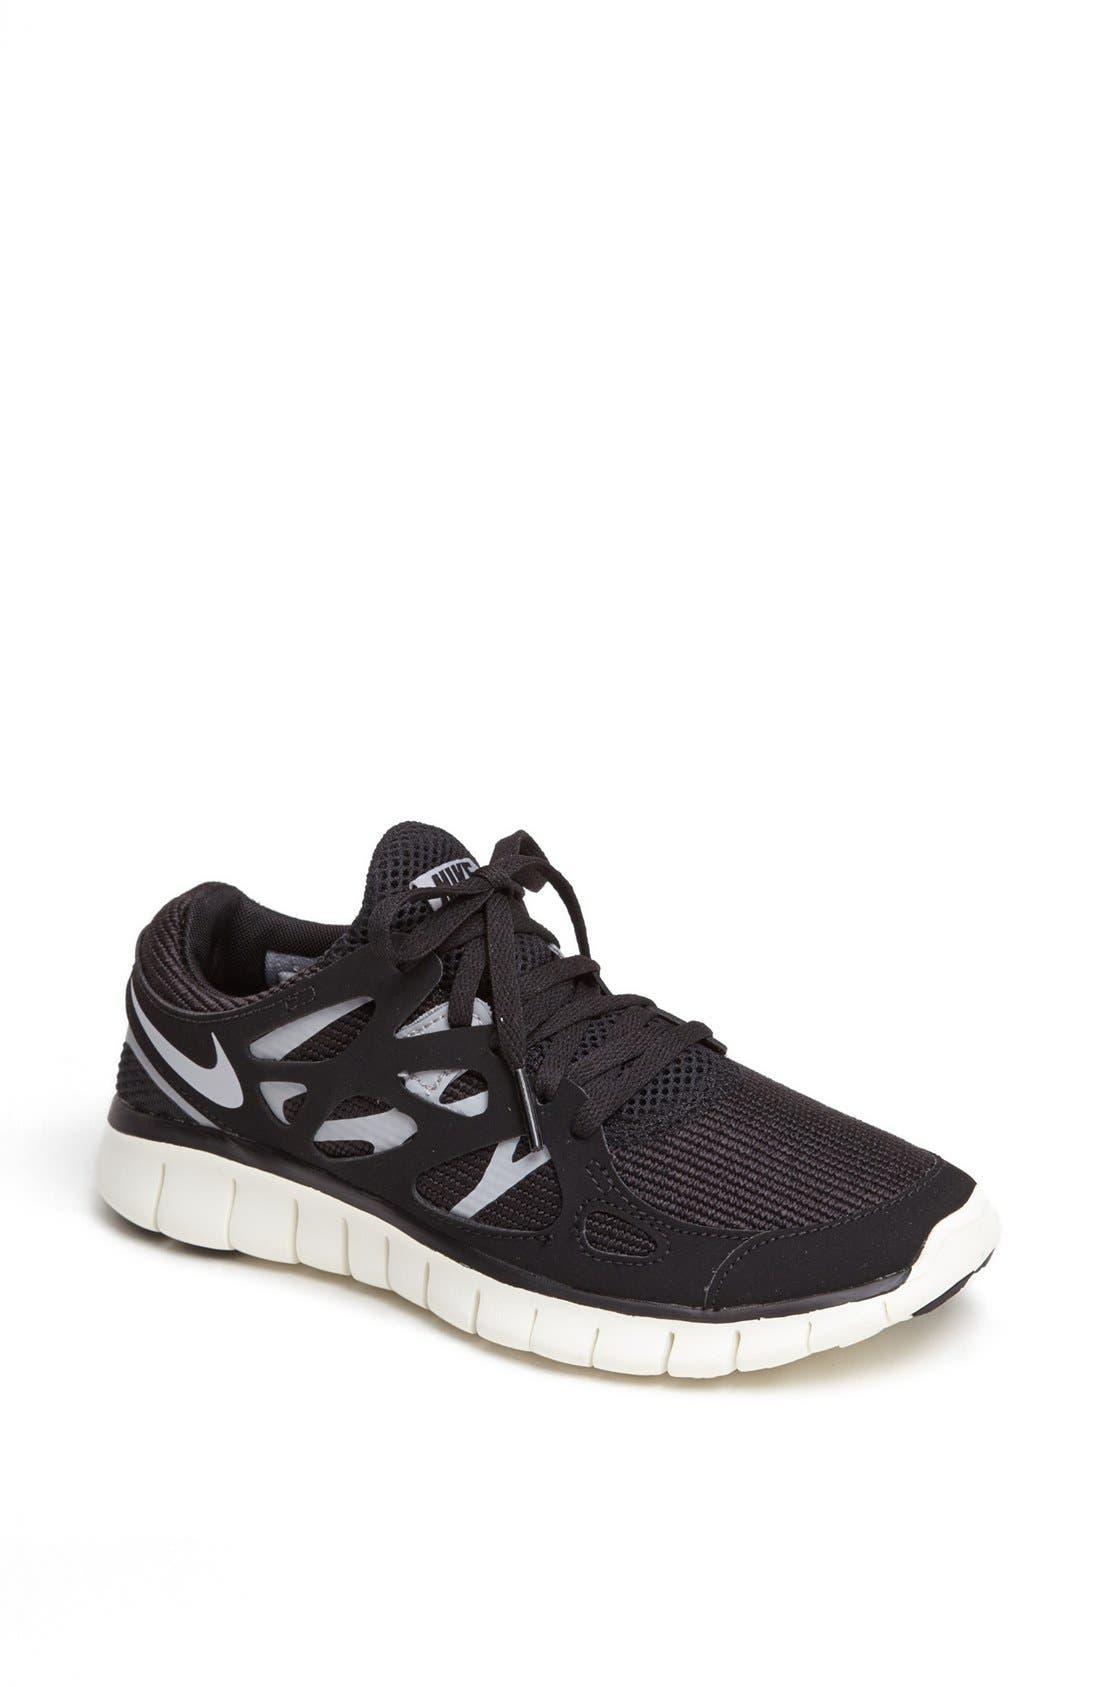 Alternate Image 1 Selected - Nike 'Free Run 2 EXT' Running Shoe (Women)